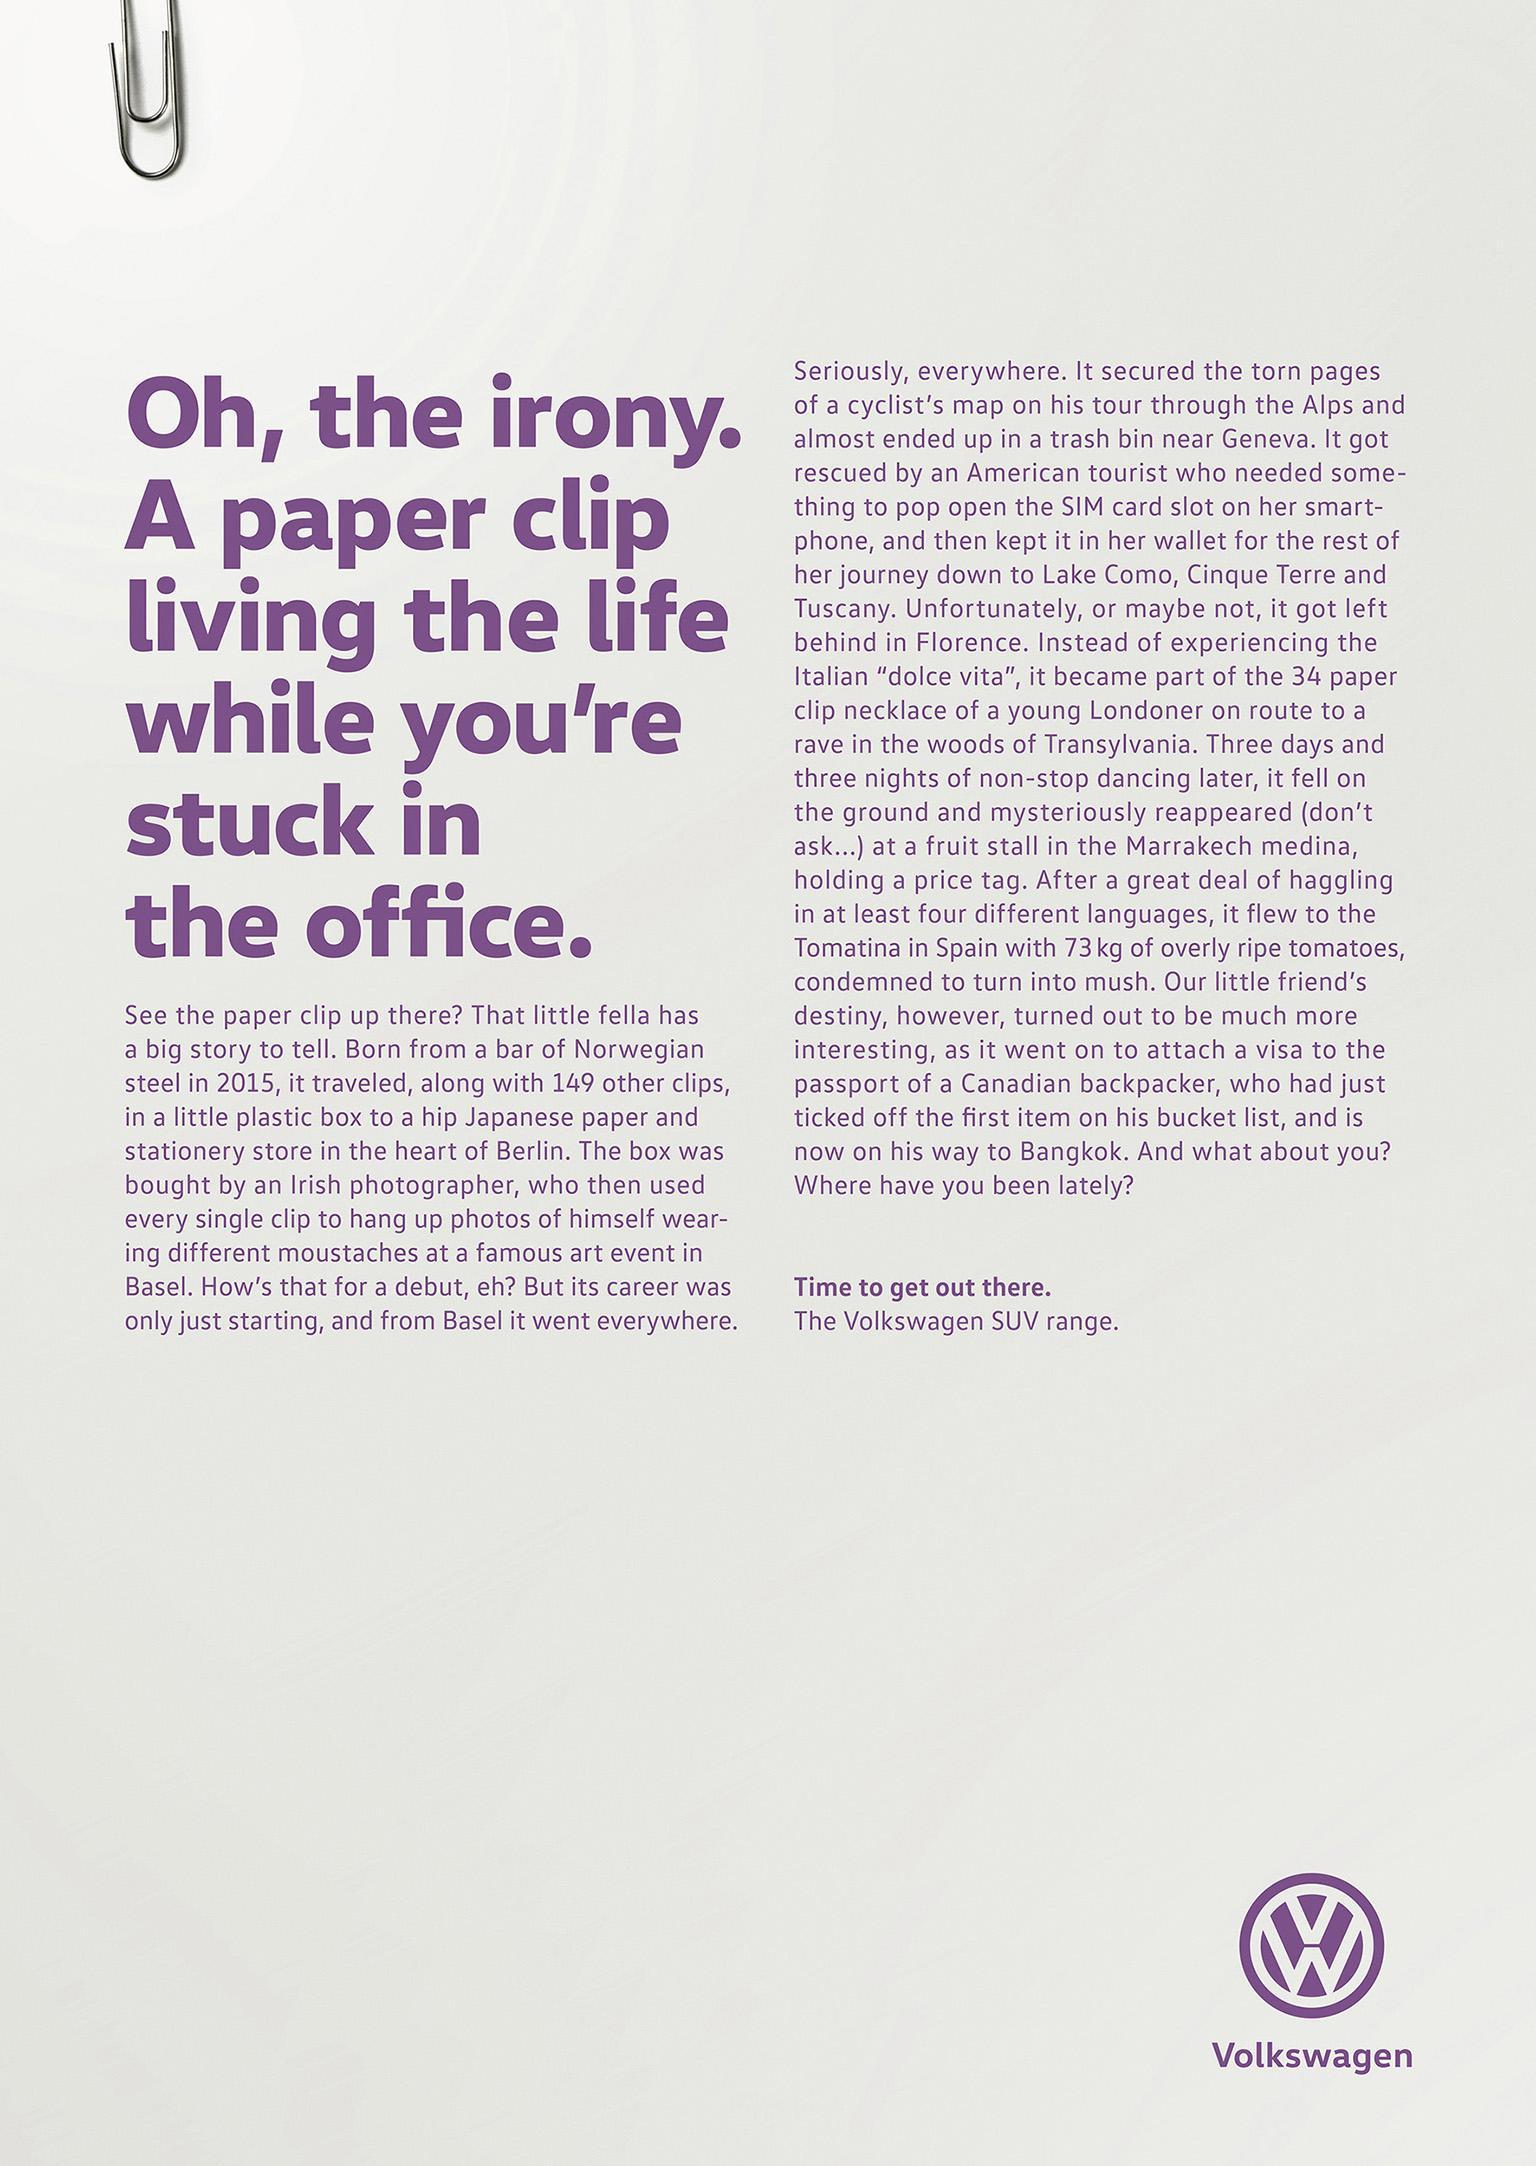 Volkswagen Print Ad - Paper clip